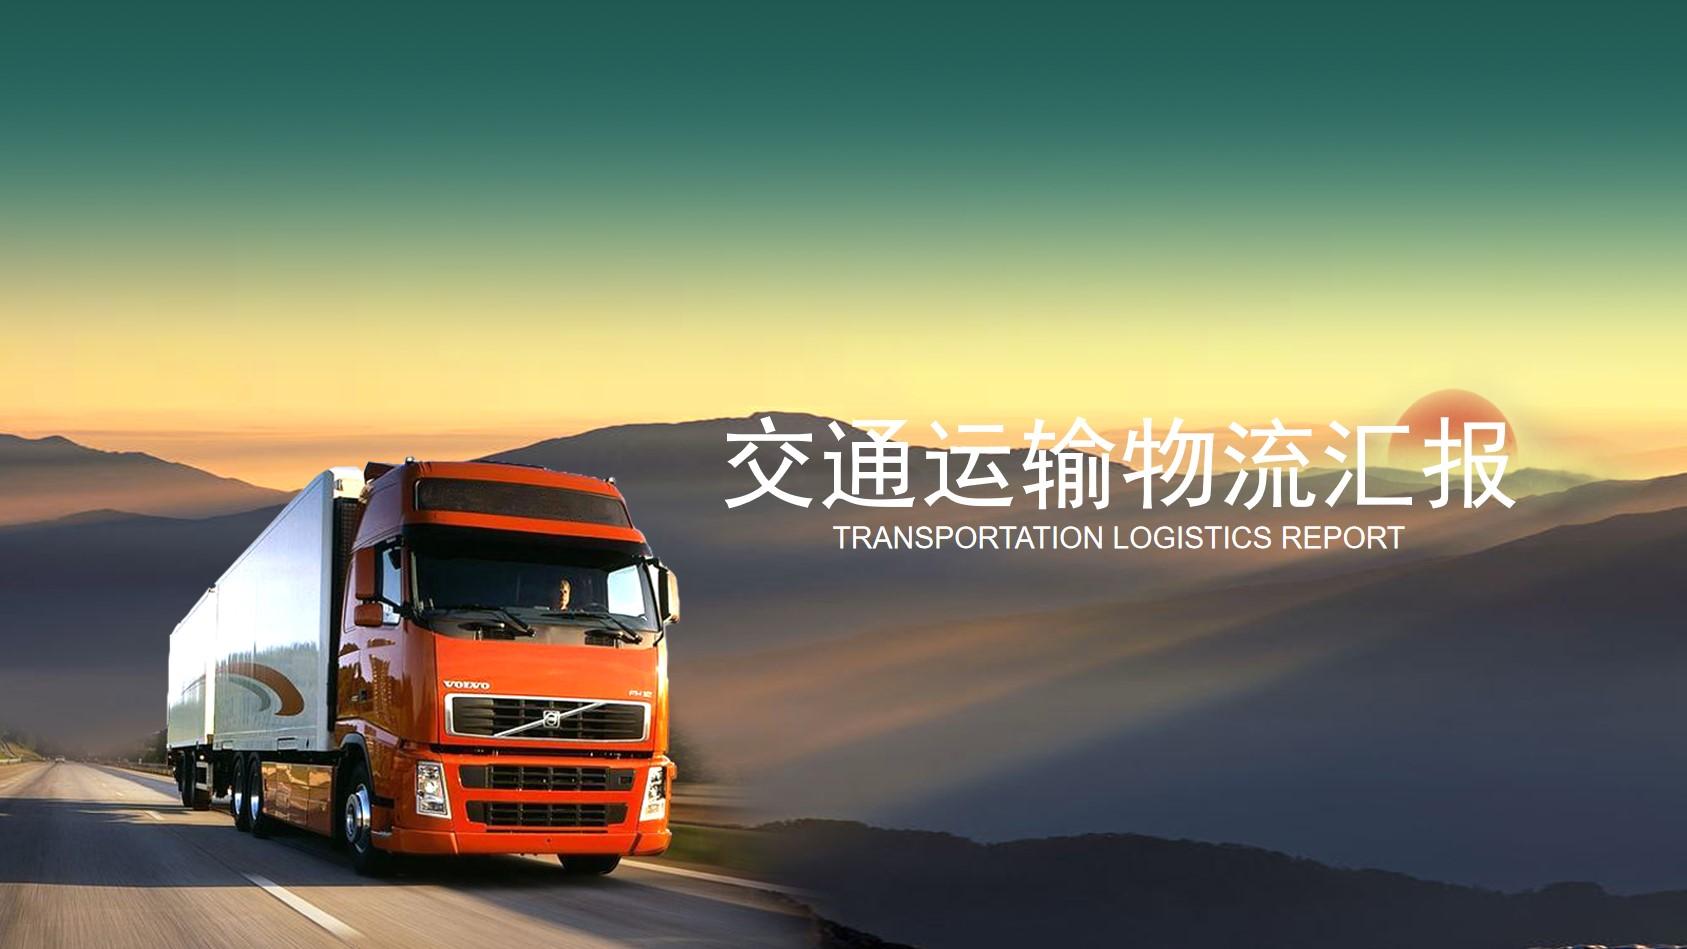 集装箱卡车背景的物流运输PPT模板